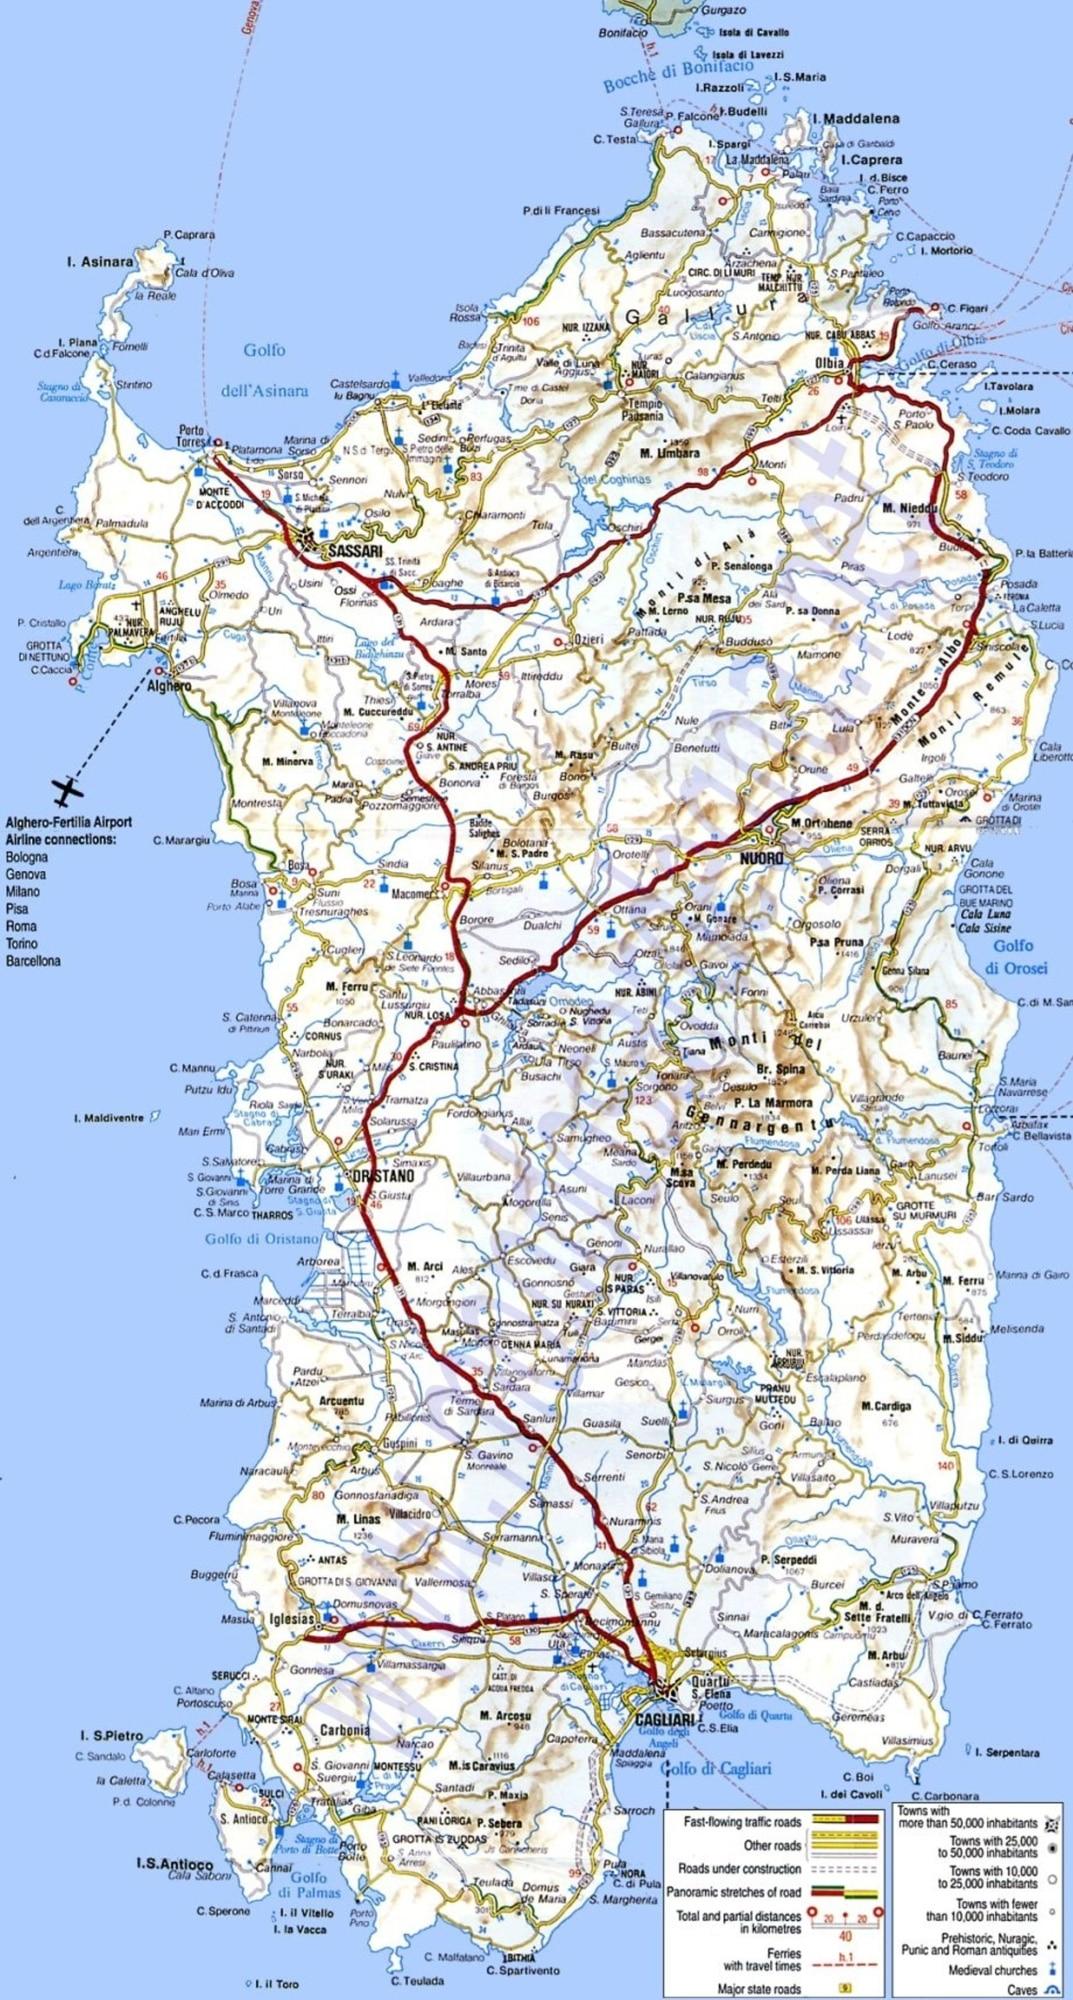 Cartina Sardegna Tharros.Mappa Della Sardegna Cartina Interattiva E Download Mappe In Pdf Sardegna Info